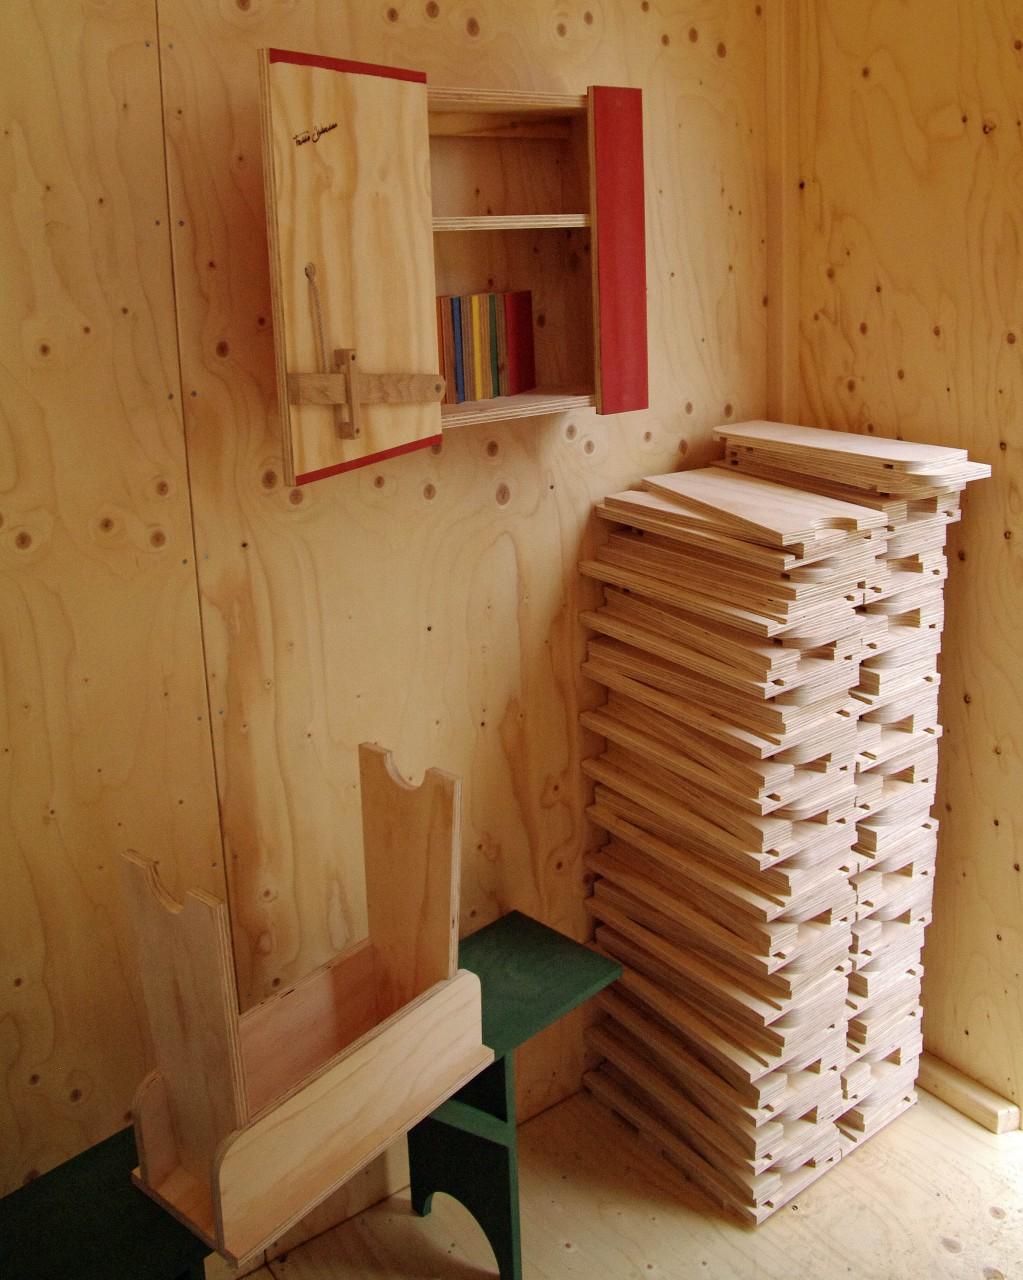 Genoeg Join the Family Zevenklapper in houten zelf-maak-meubels  DK47